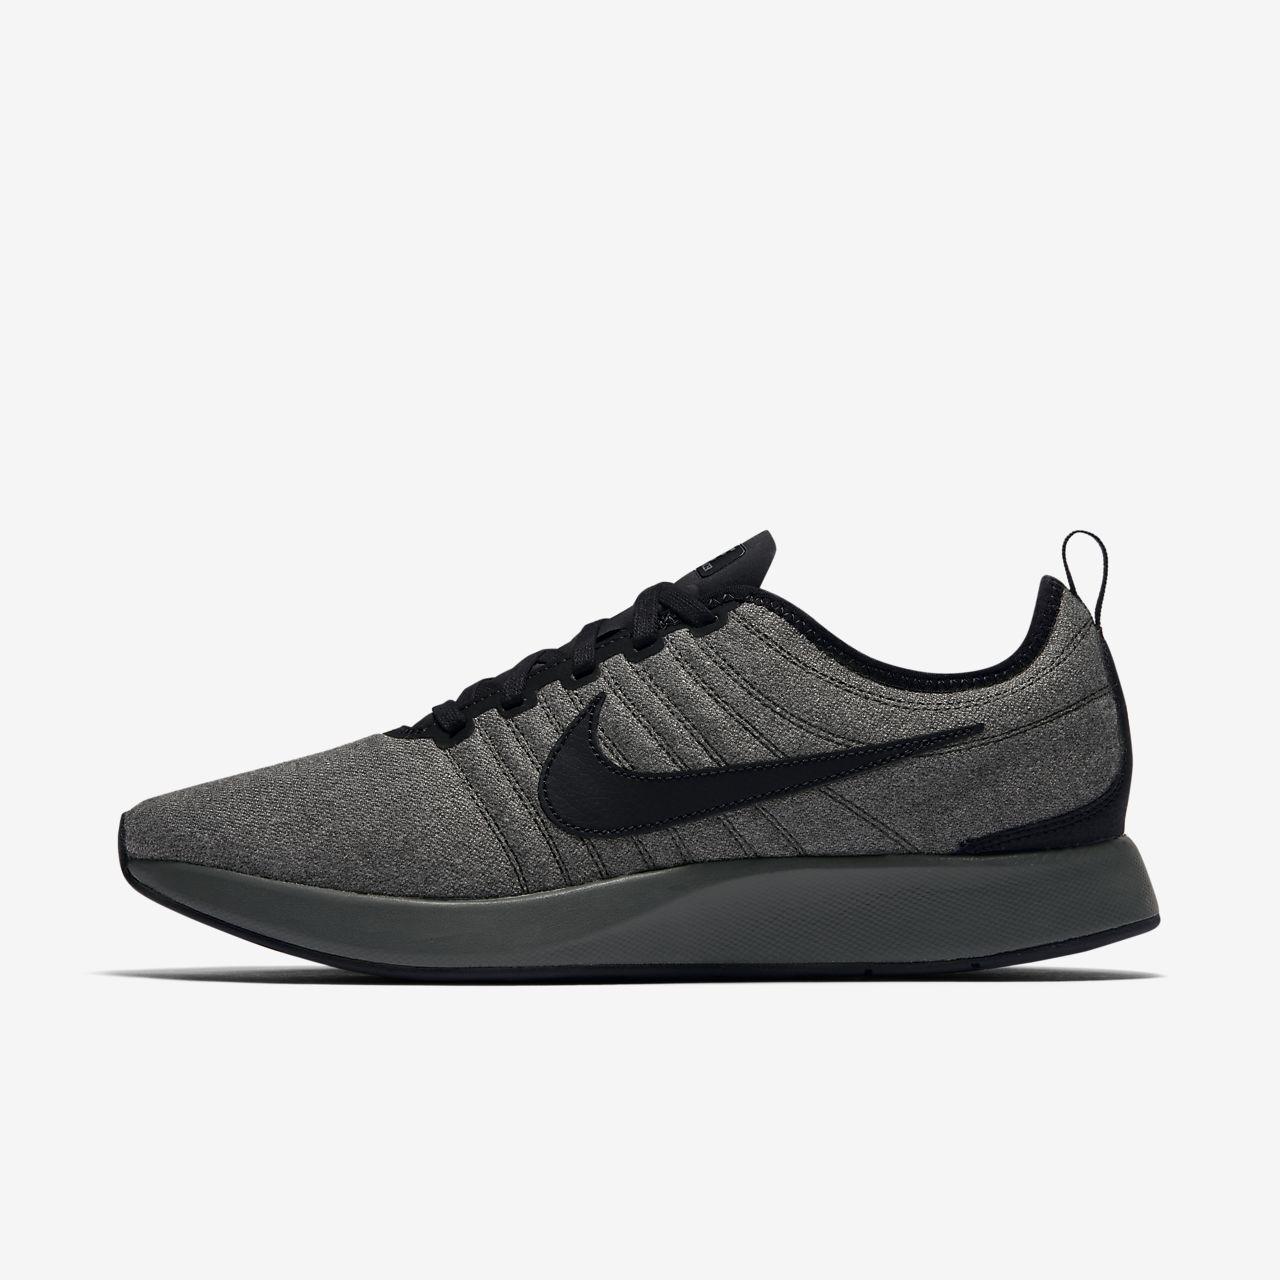 Nike Prime Double Coureur De Ton - Gris / Blanc / Noir a6BjTdLe8